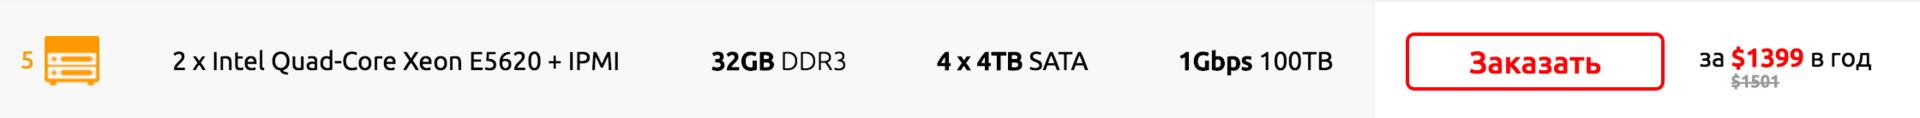 Cерверы с «устаревшими» CPU или более высокая цена? Мы нашли компромисс! 2 x E5620 - 32GB DDR3 - 6 x 240GB SSD - 1Gbps? - 5